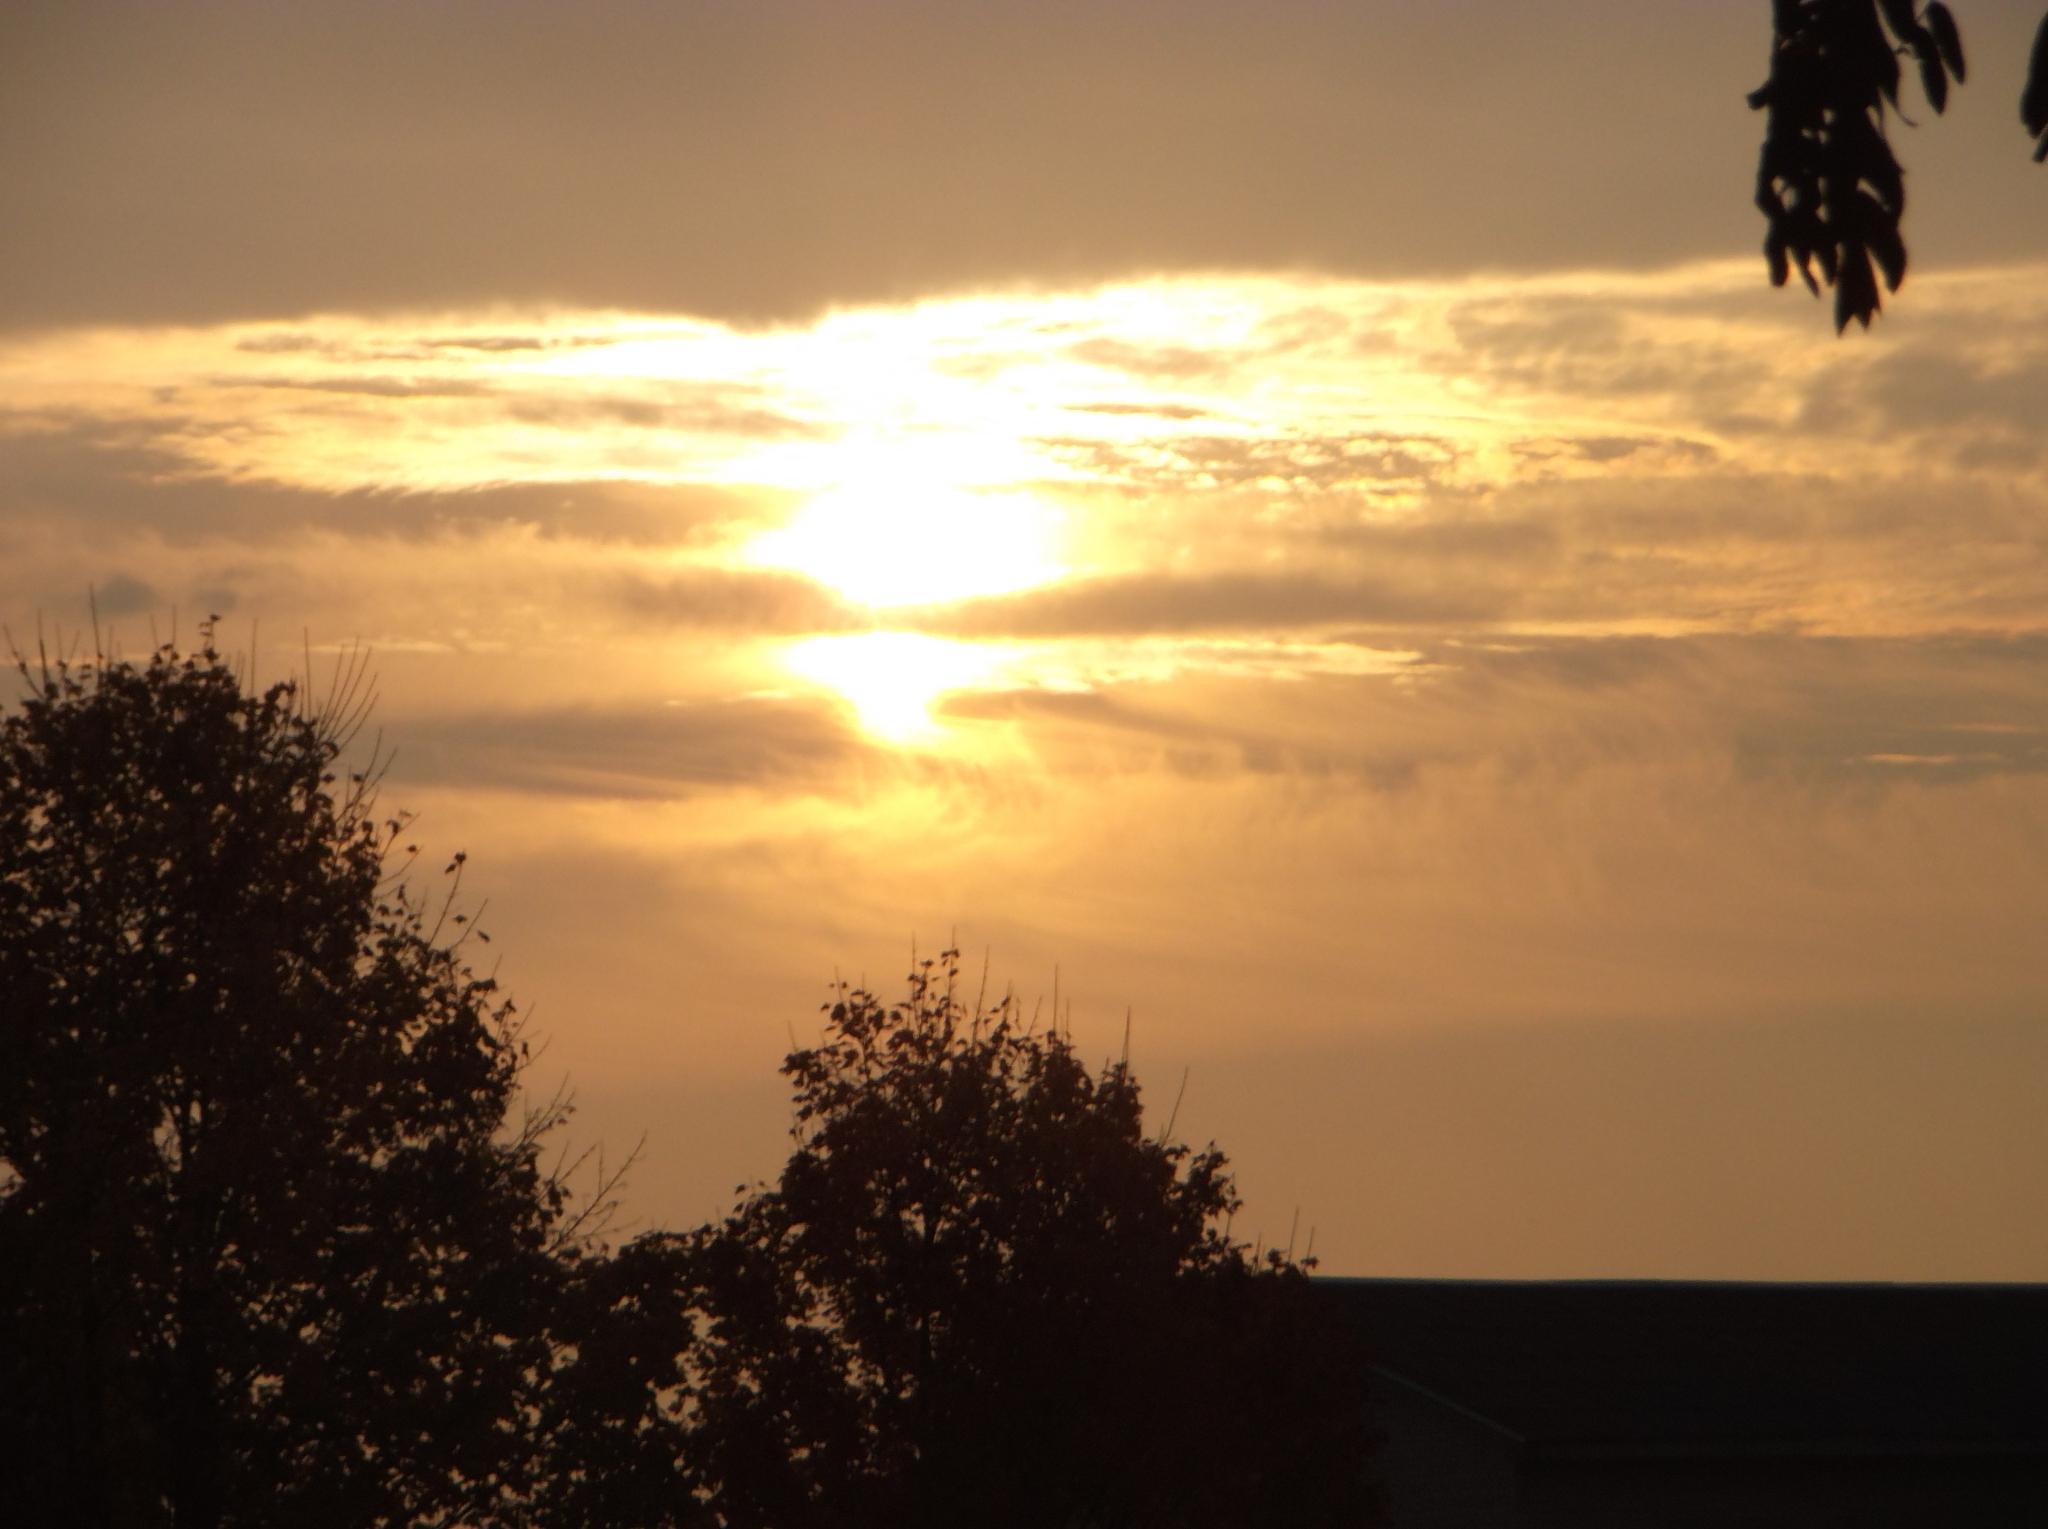 Sunset. by Zita Užkuraitienė